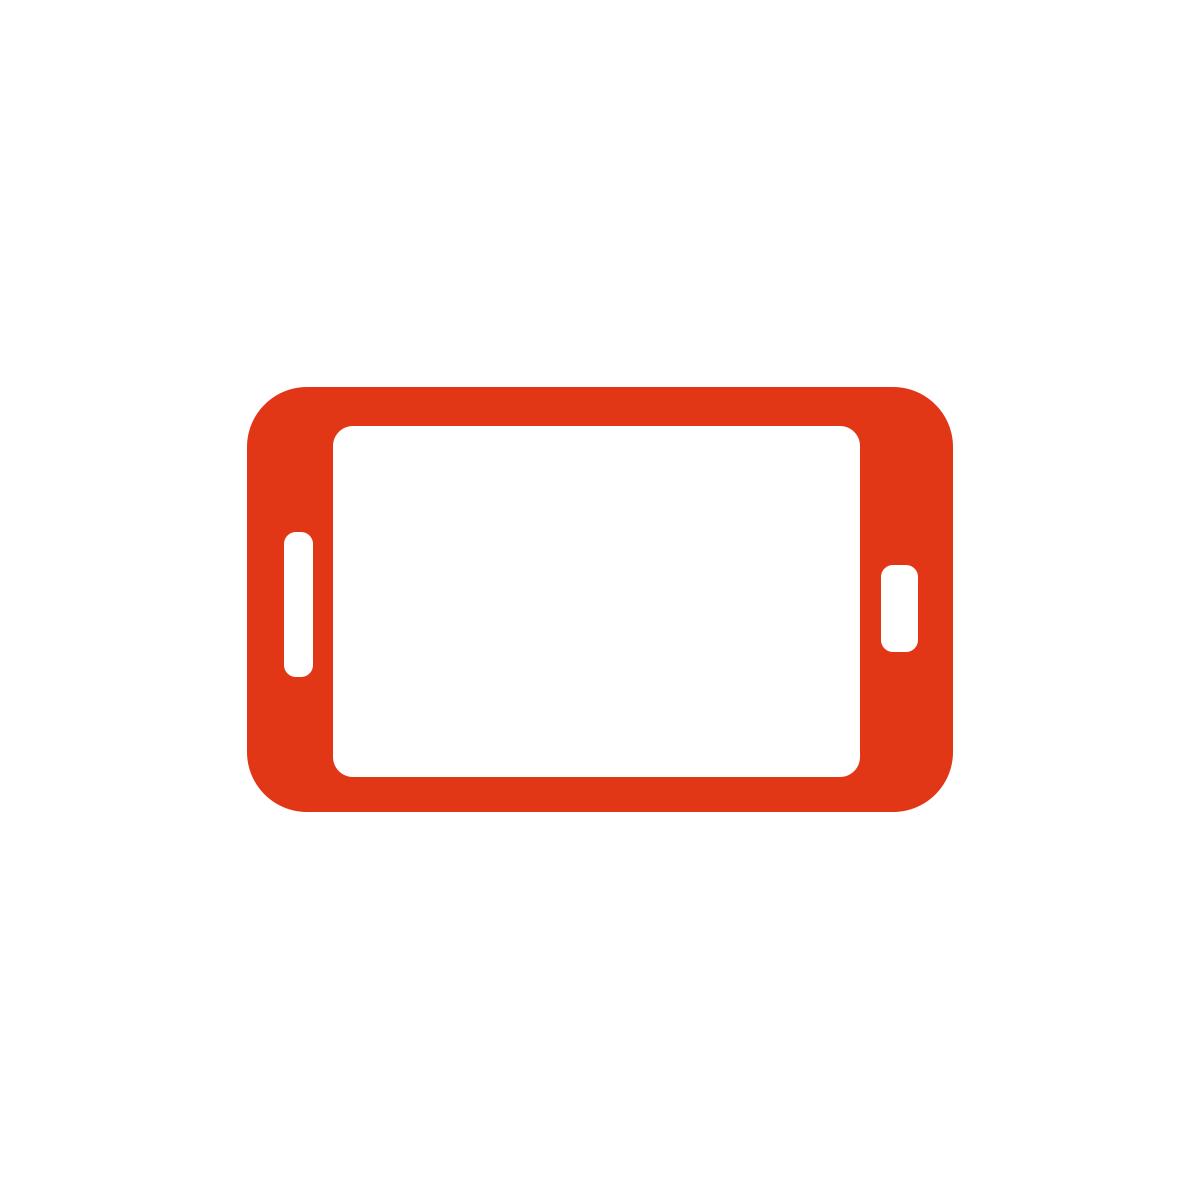 Redirecting to www.littleStarship.net/apps...